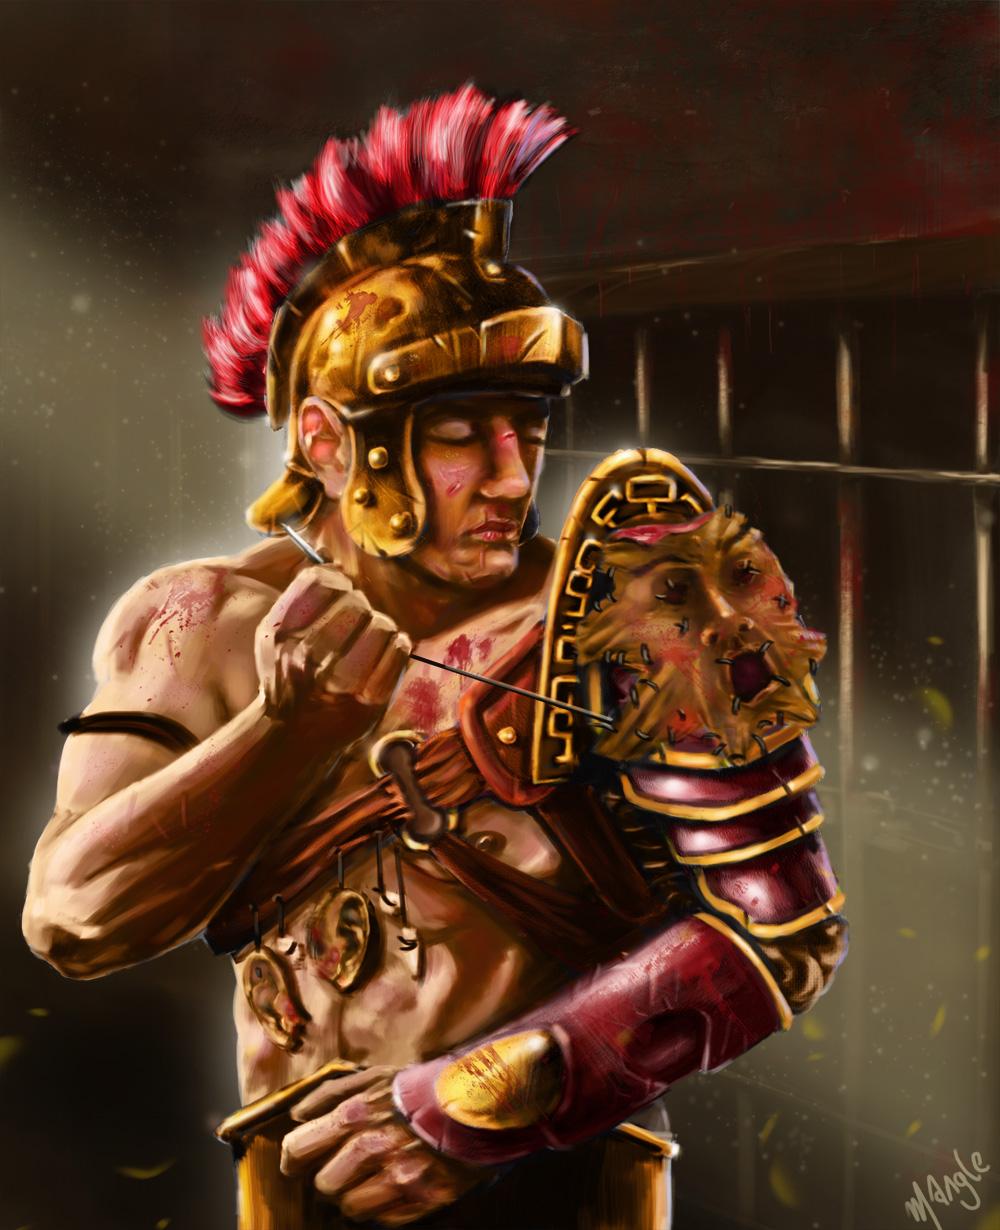 essay on gladiator innacuracies